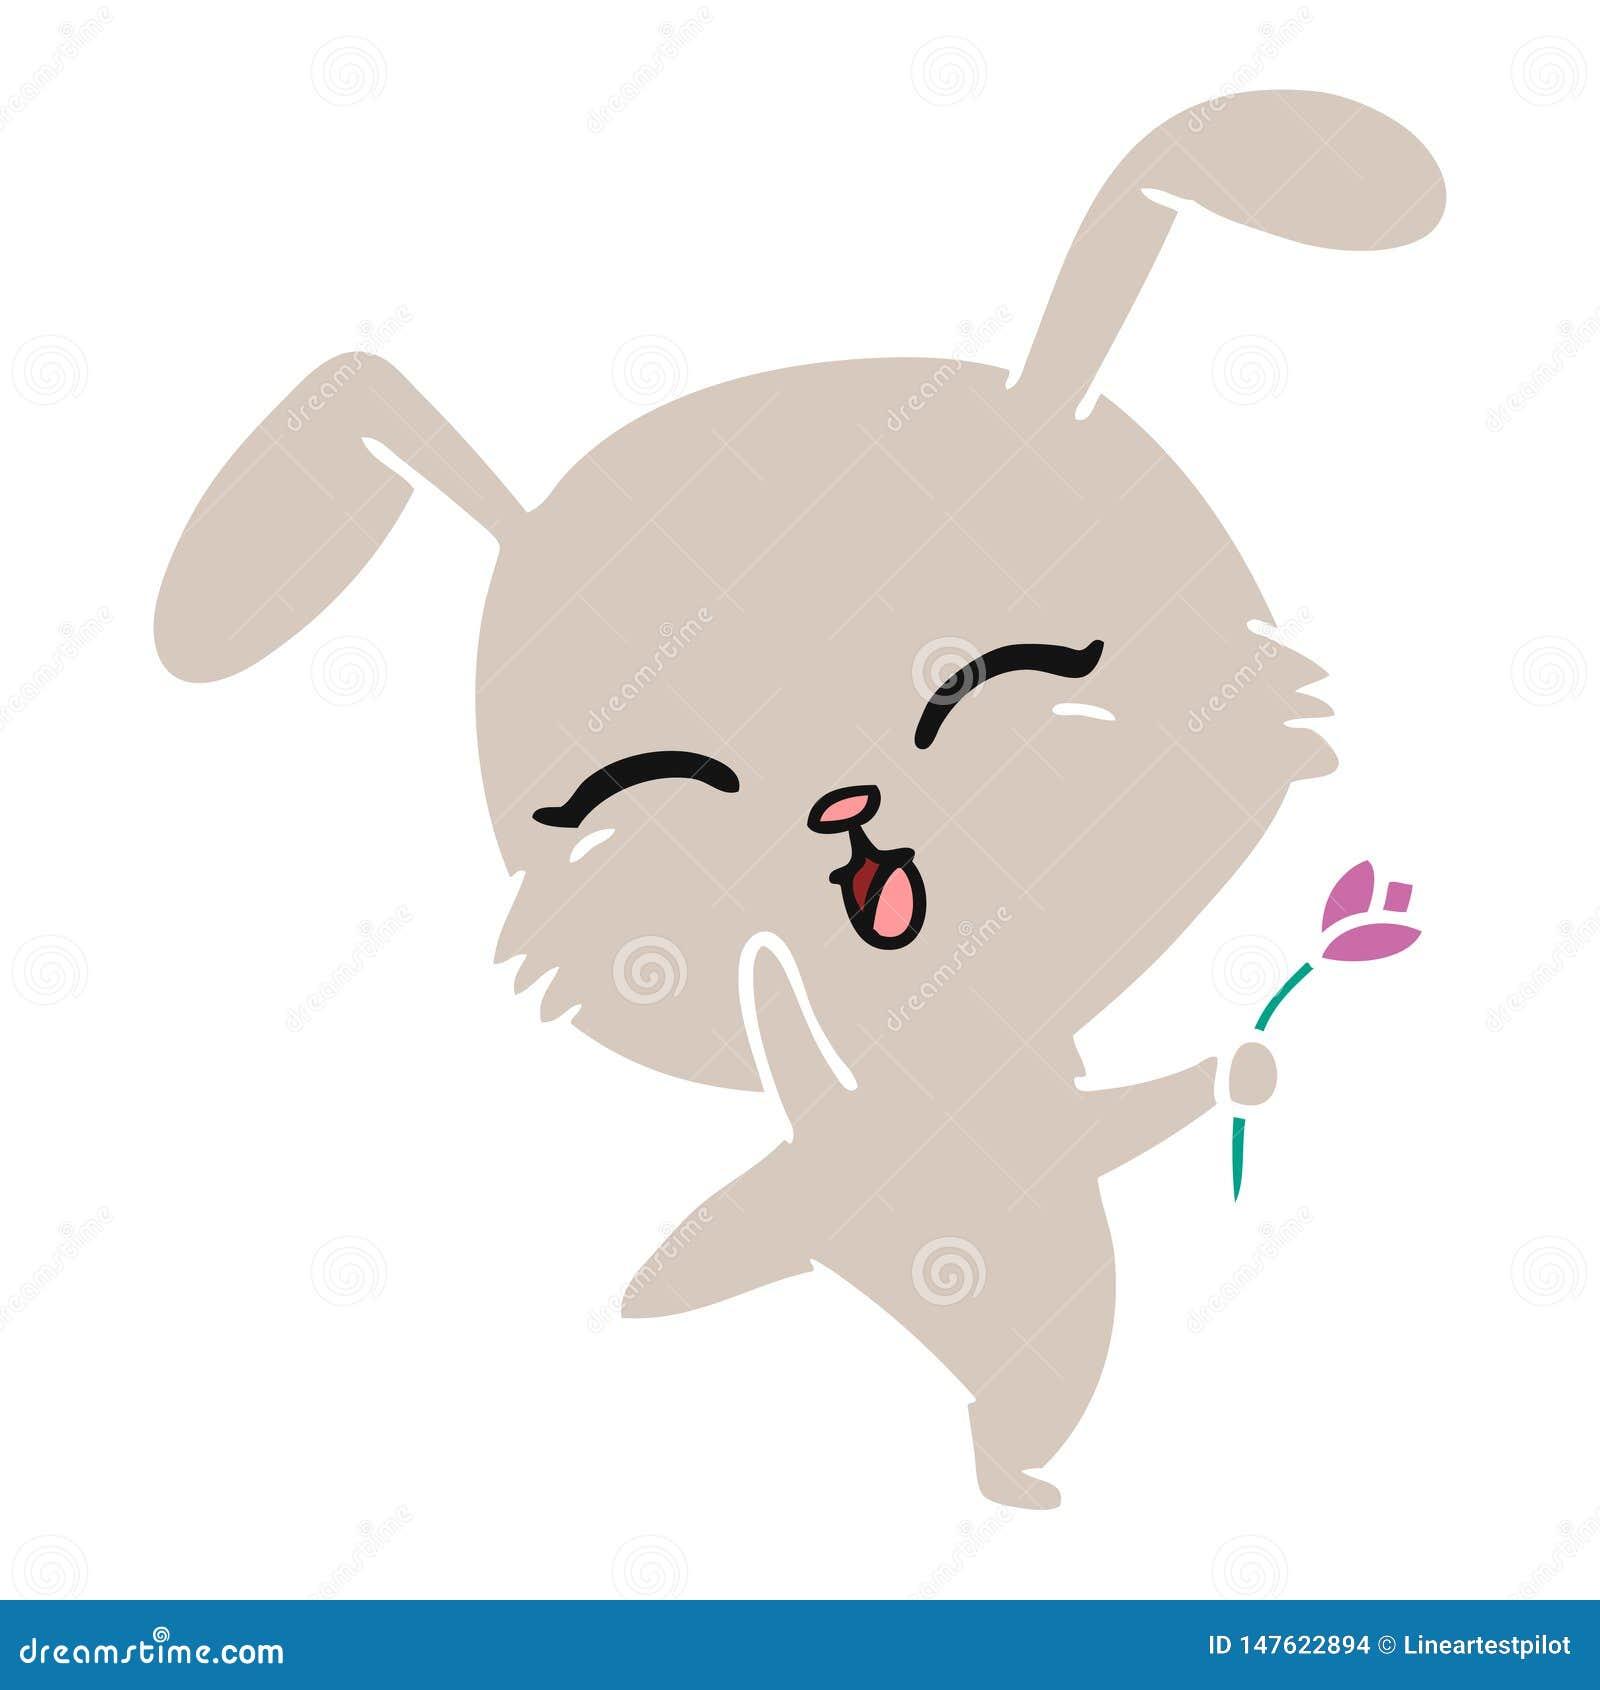 Cartoon Of Cute Kawaii Bunny Stock Vector Illustration Of Bunny